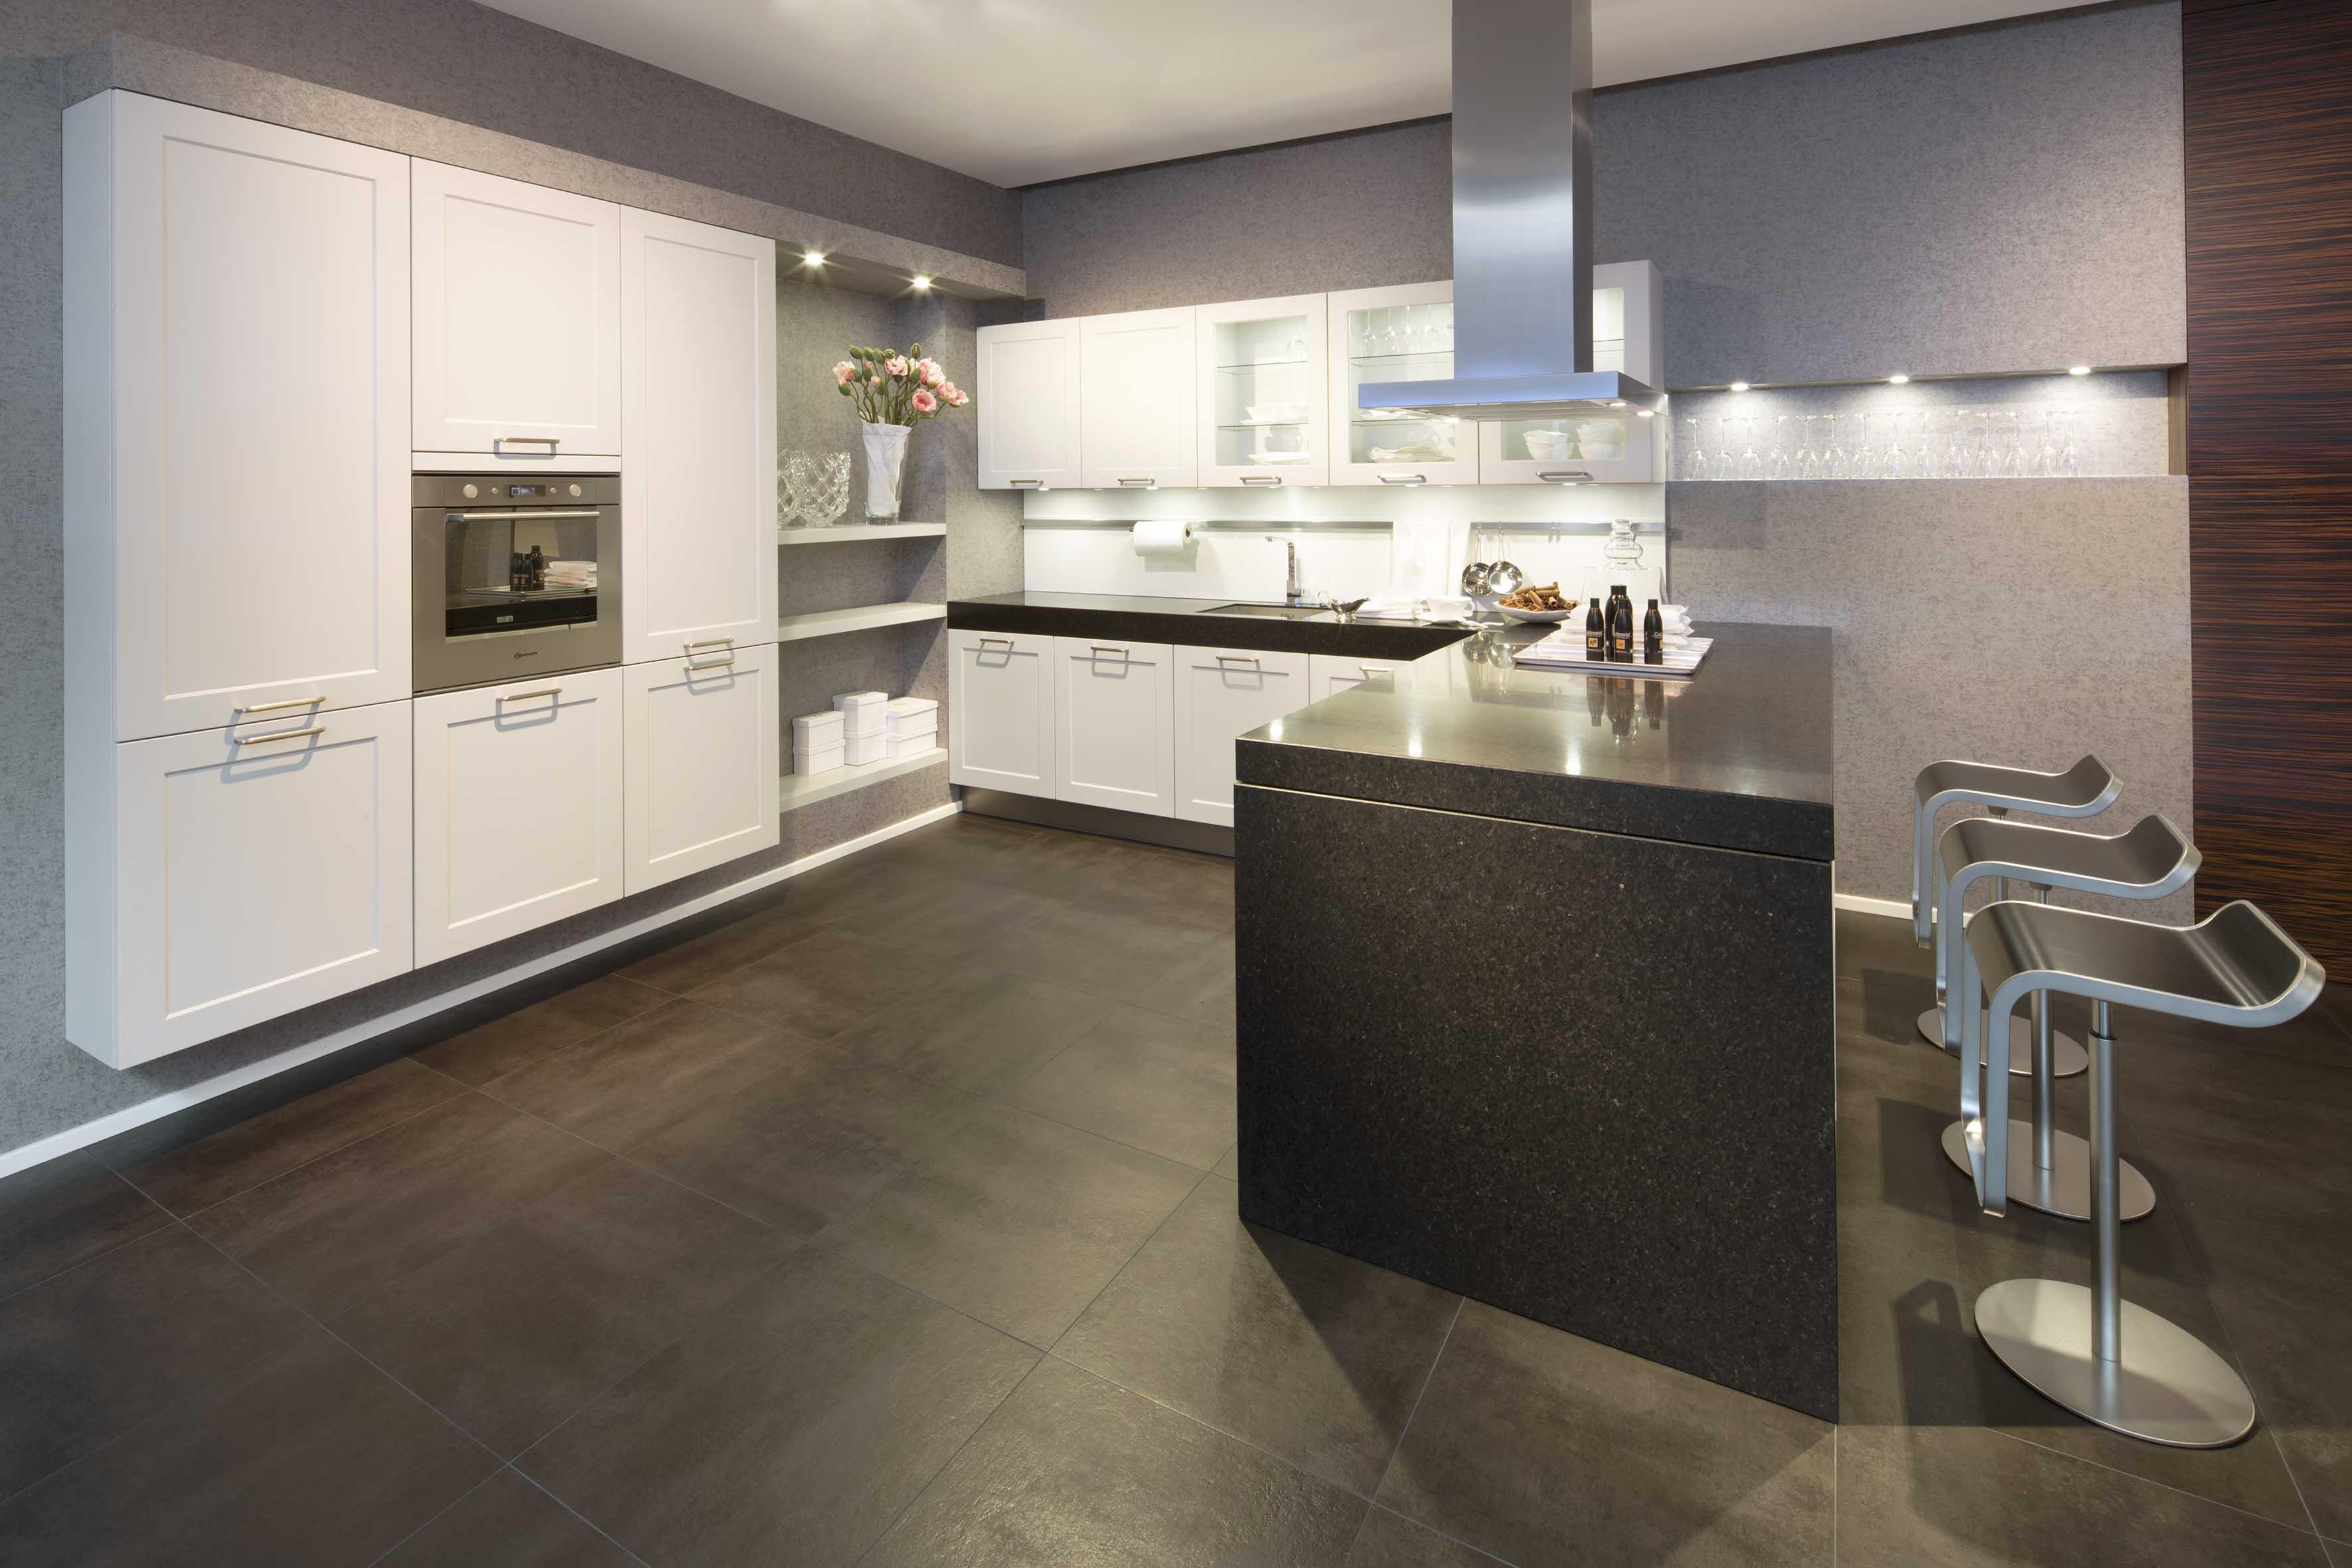 Kuchnie, Kuchnia  Kuchnia klasyczna TYP 1, Studio Sto